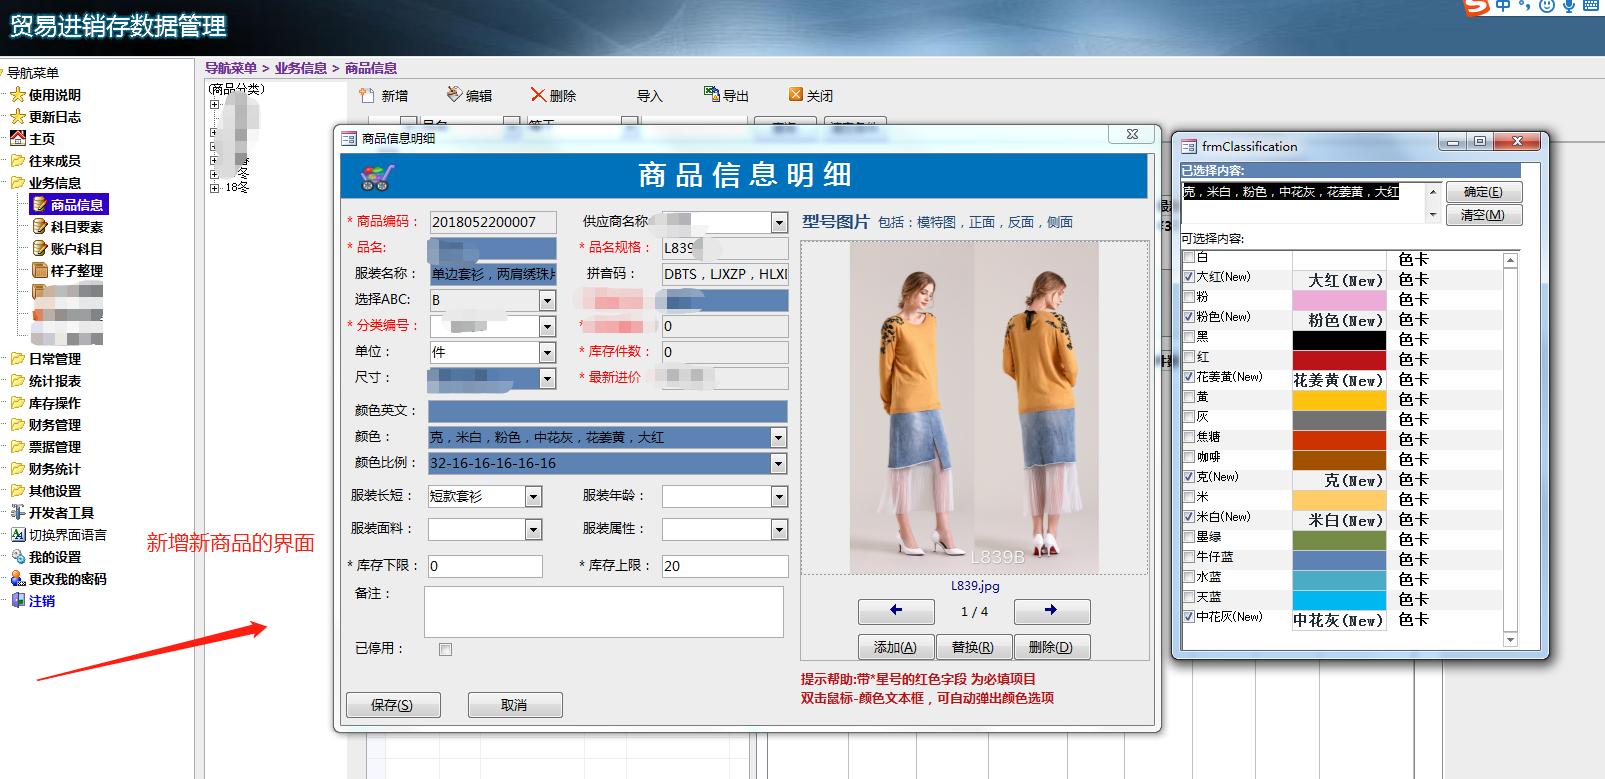 《贸易进销存数据管理系统》从Excel开发转到Access开发管理软件的学习总结